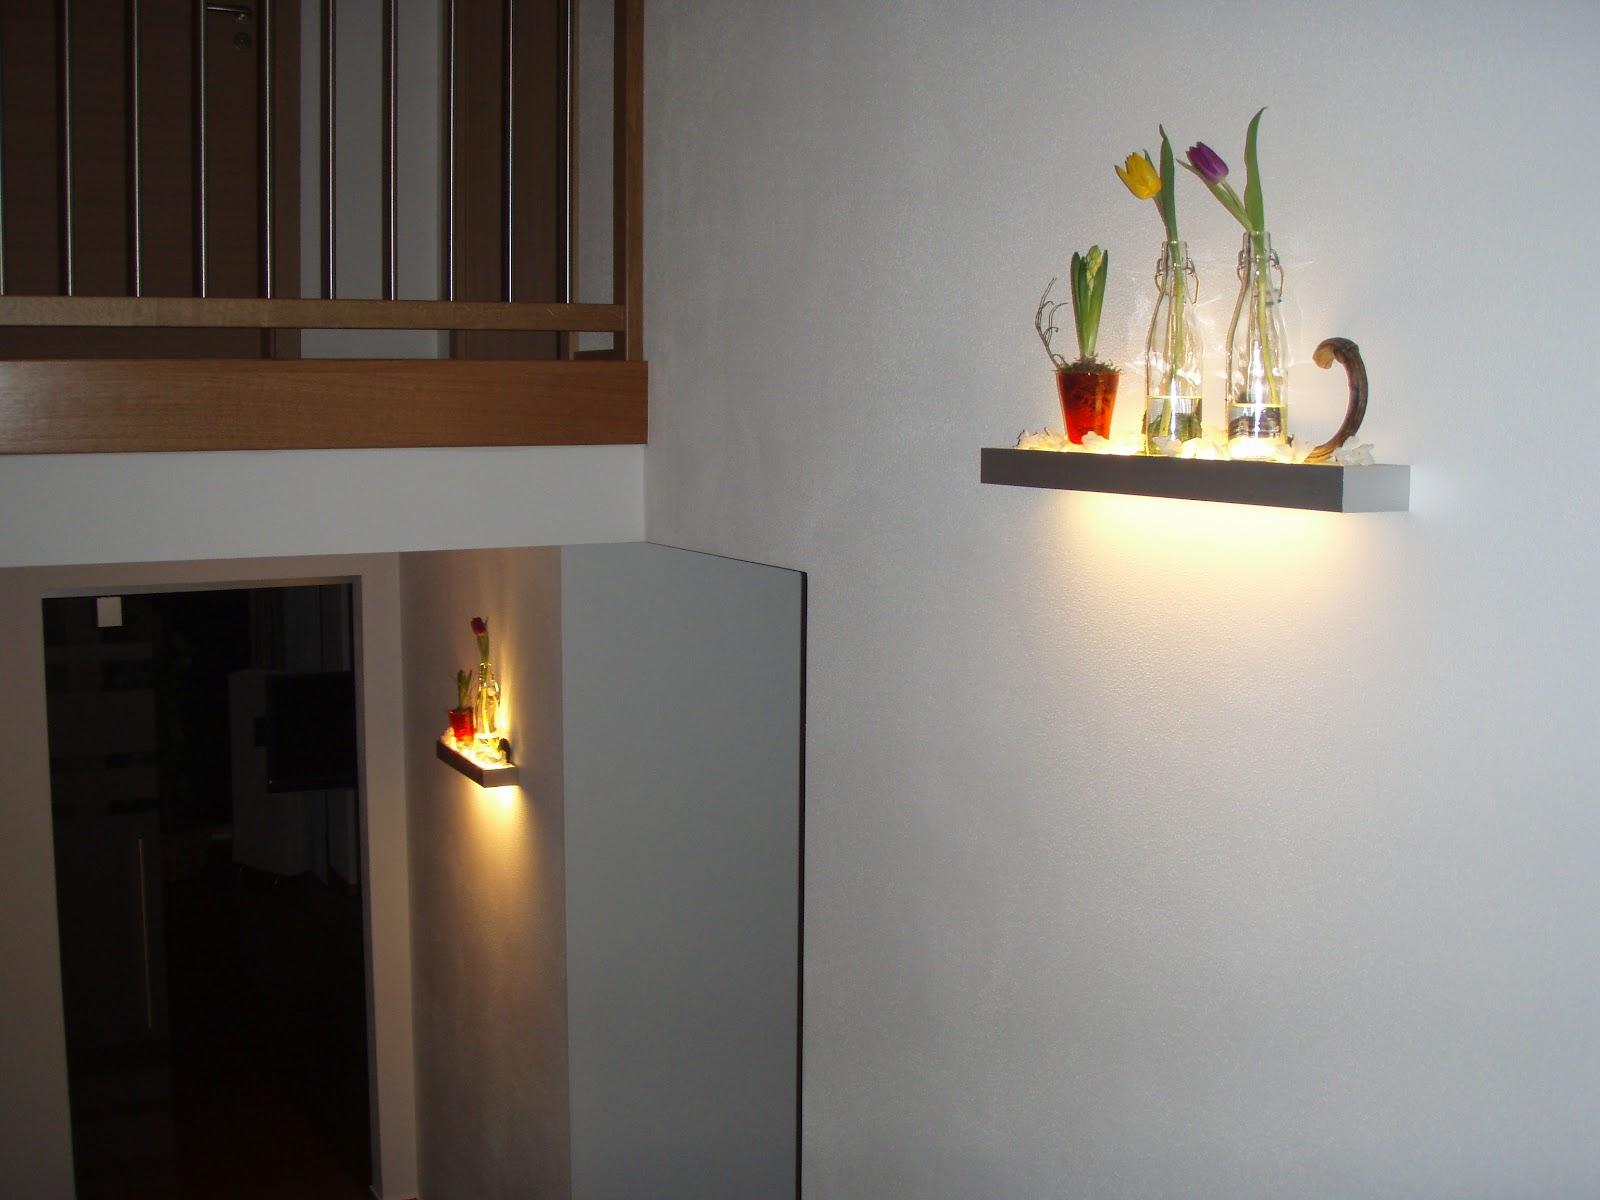 Mietzn blog lasst mal den fr hling rein - Eingangsbereich dekorieren fruhling ...